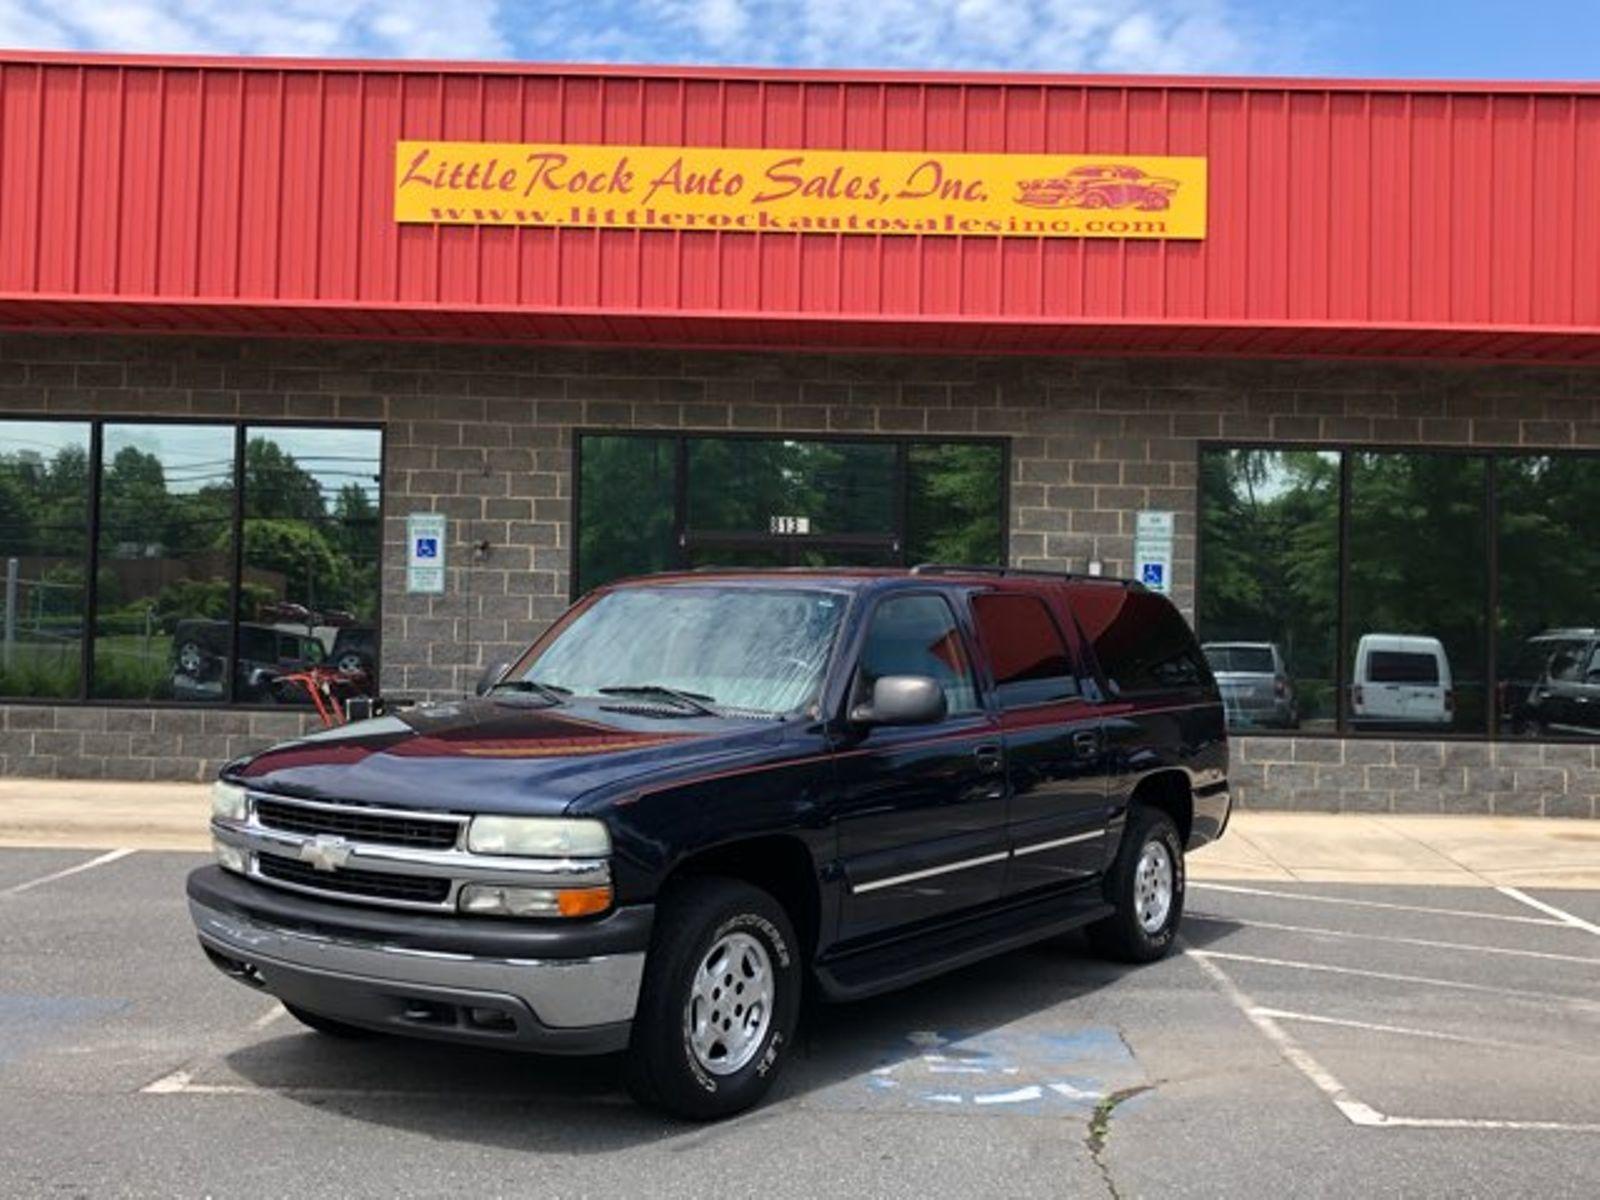 2004 Chevrolet Suburban LS city NC Little Rock Auto Sales Inc